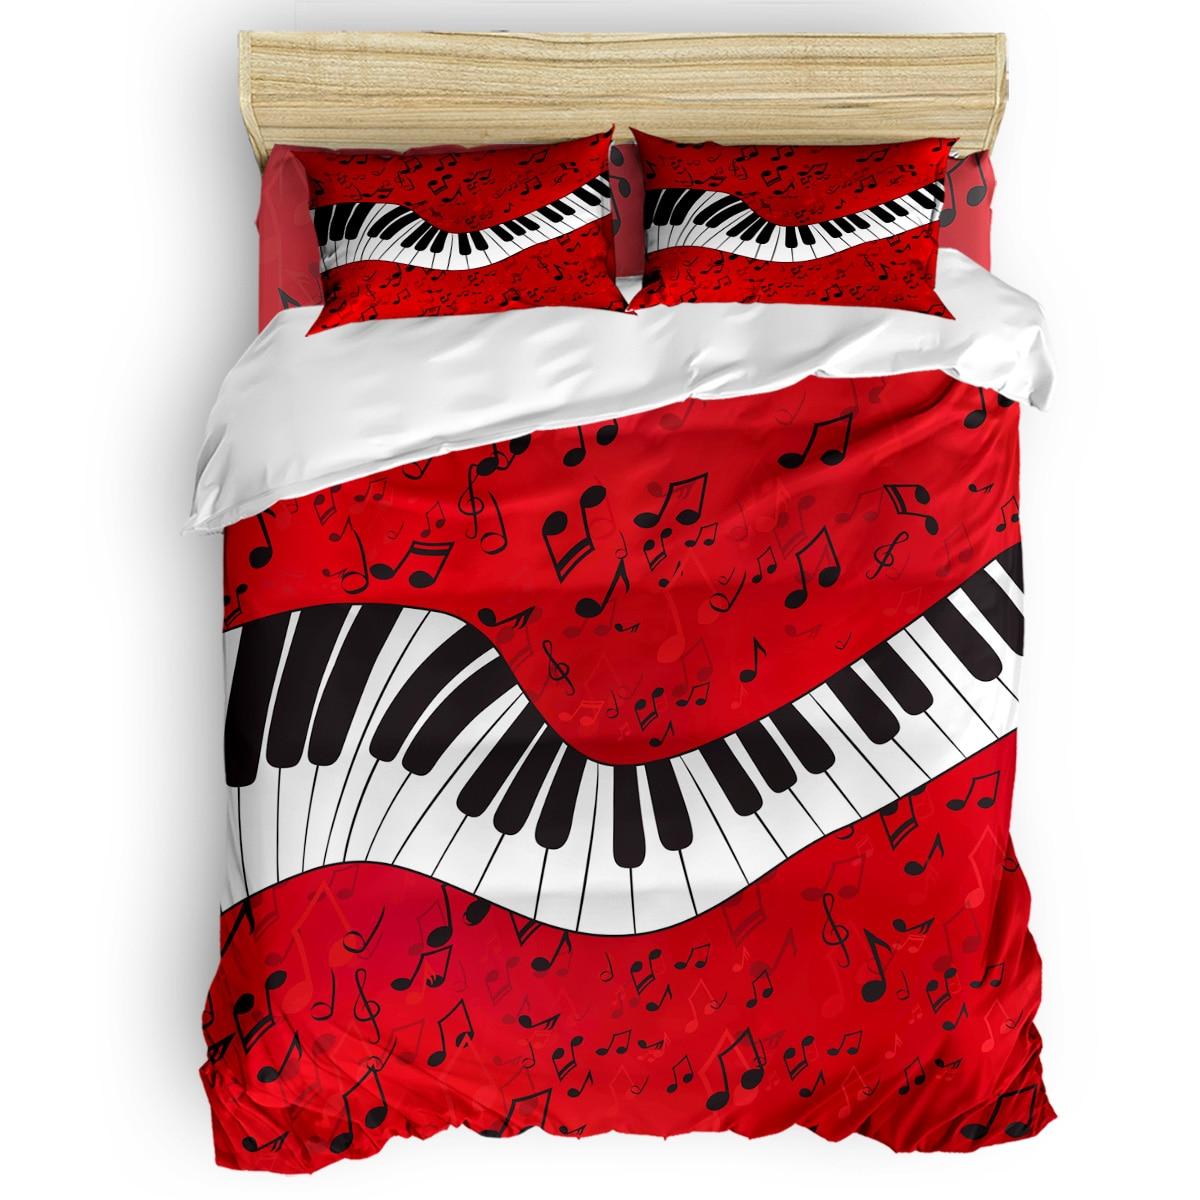 Note de musique Piano fond rouge housse de couette literie ensembles de couette dimanche de pâques jour commémoratif fête des pères microfibre Floral